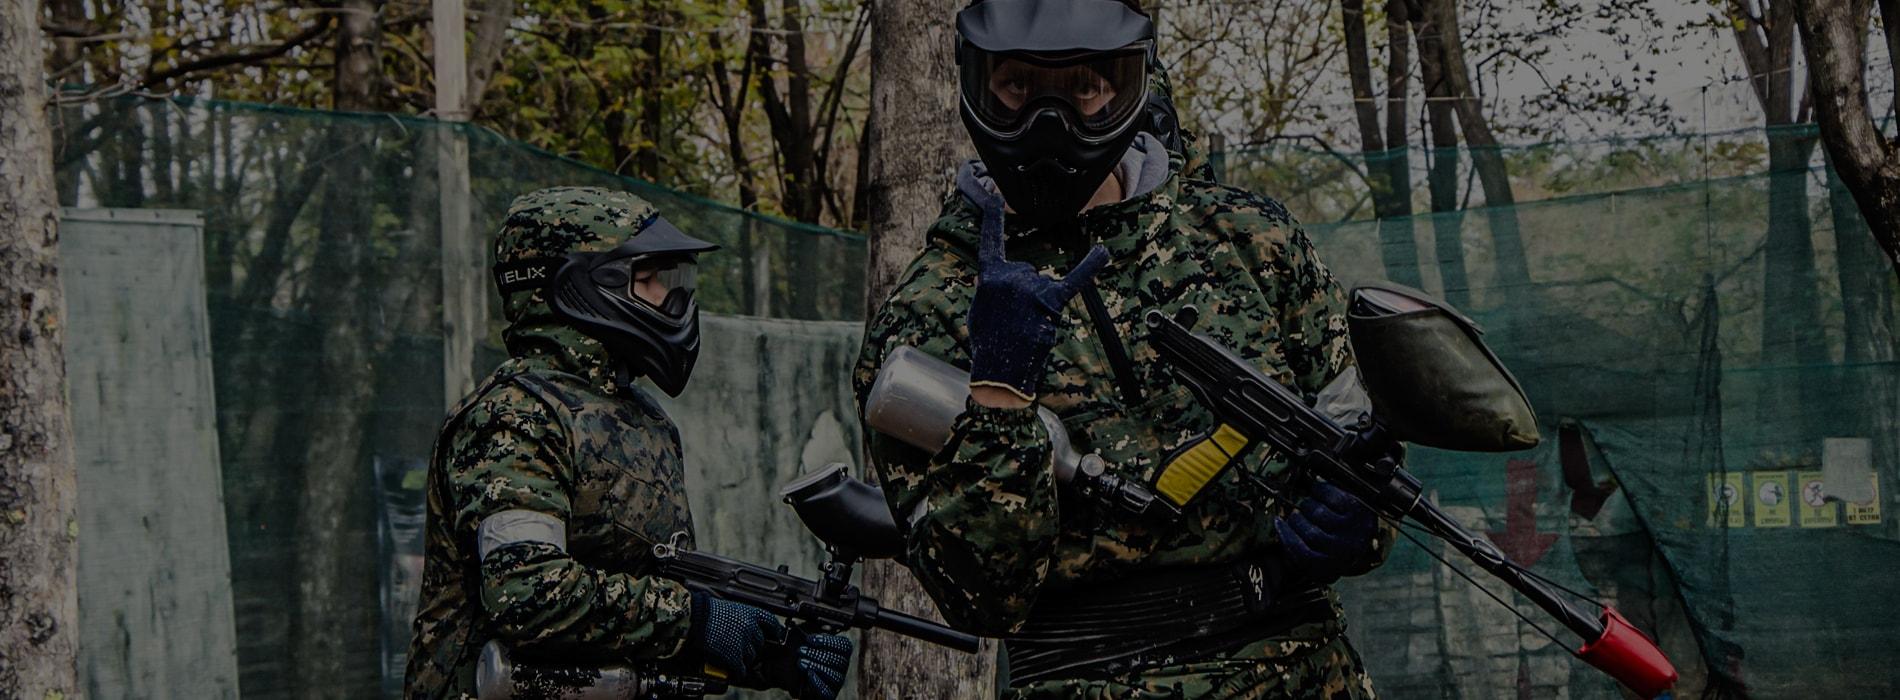 Пейнтбол в Харькове. Все что нужно знать